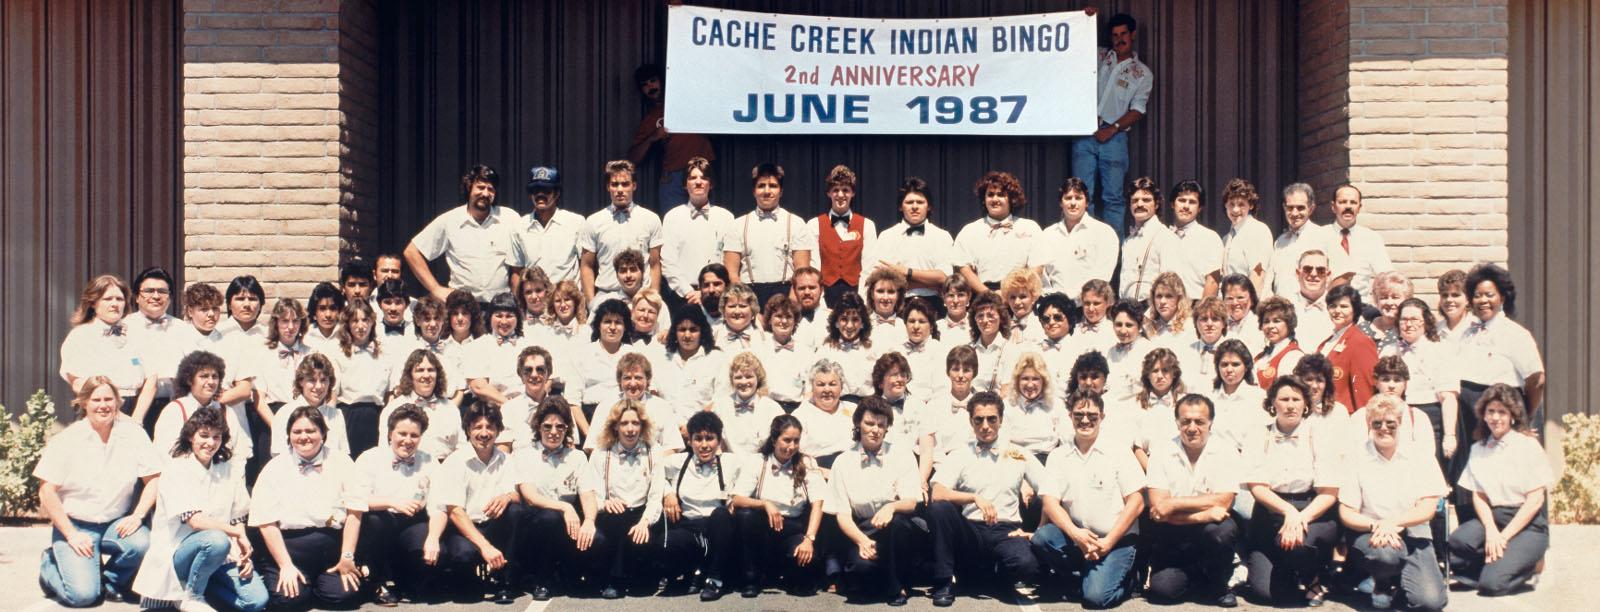 Giới thiệu về Chúng tôi tại Resort Casino Cache Creek, Brooks